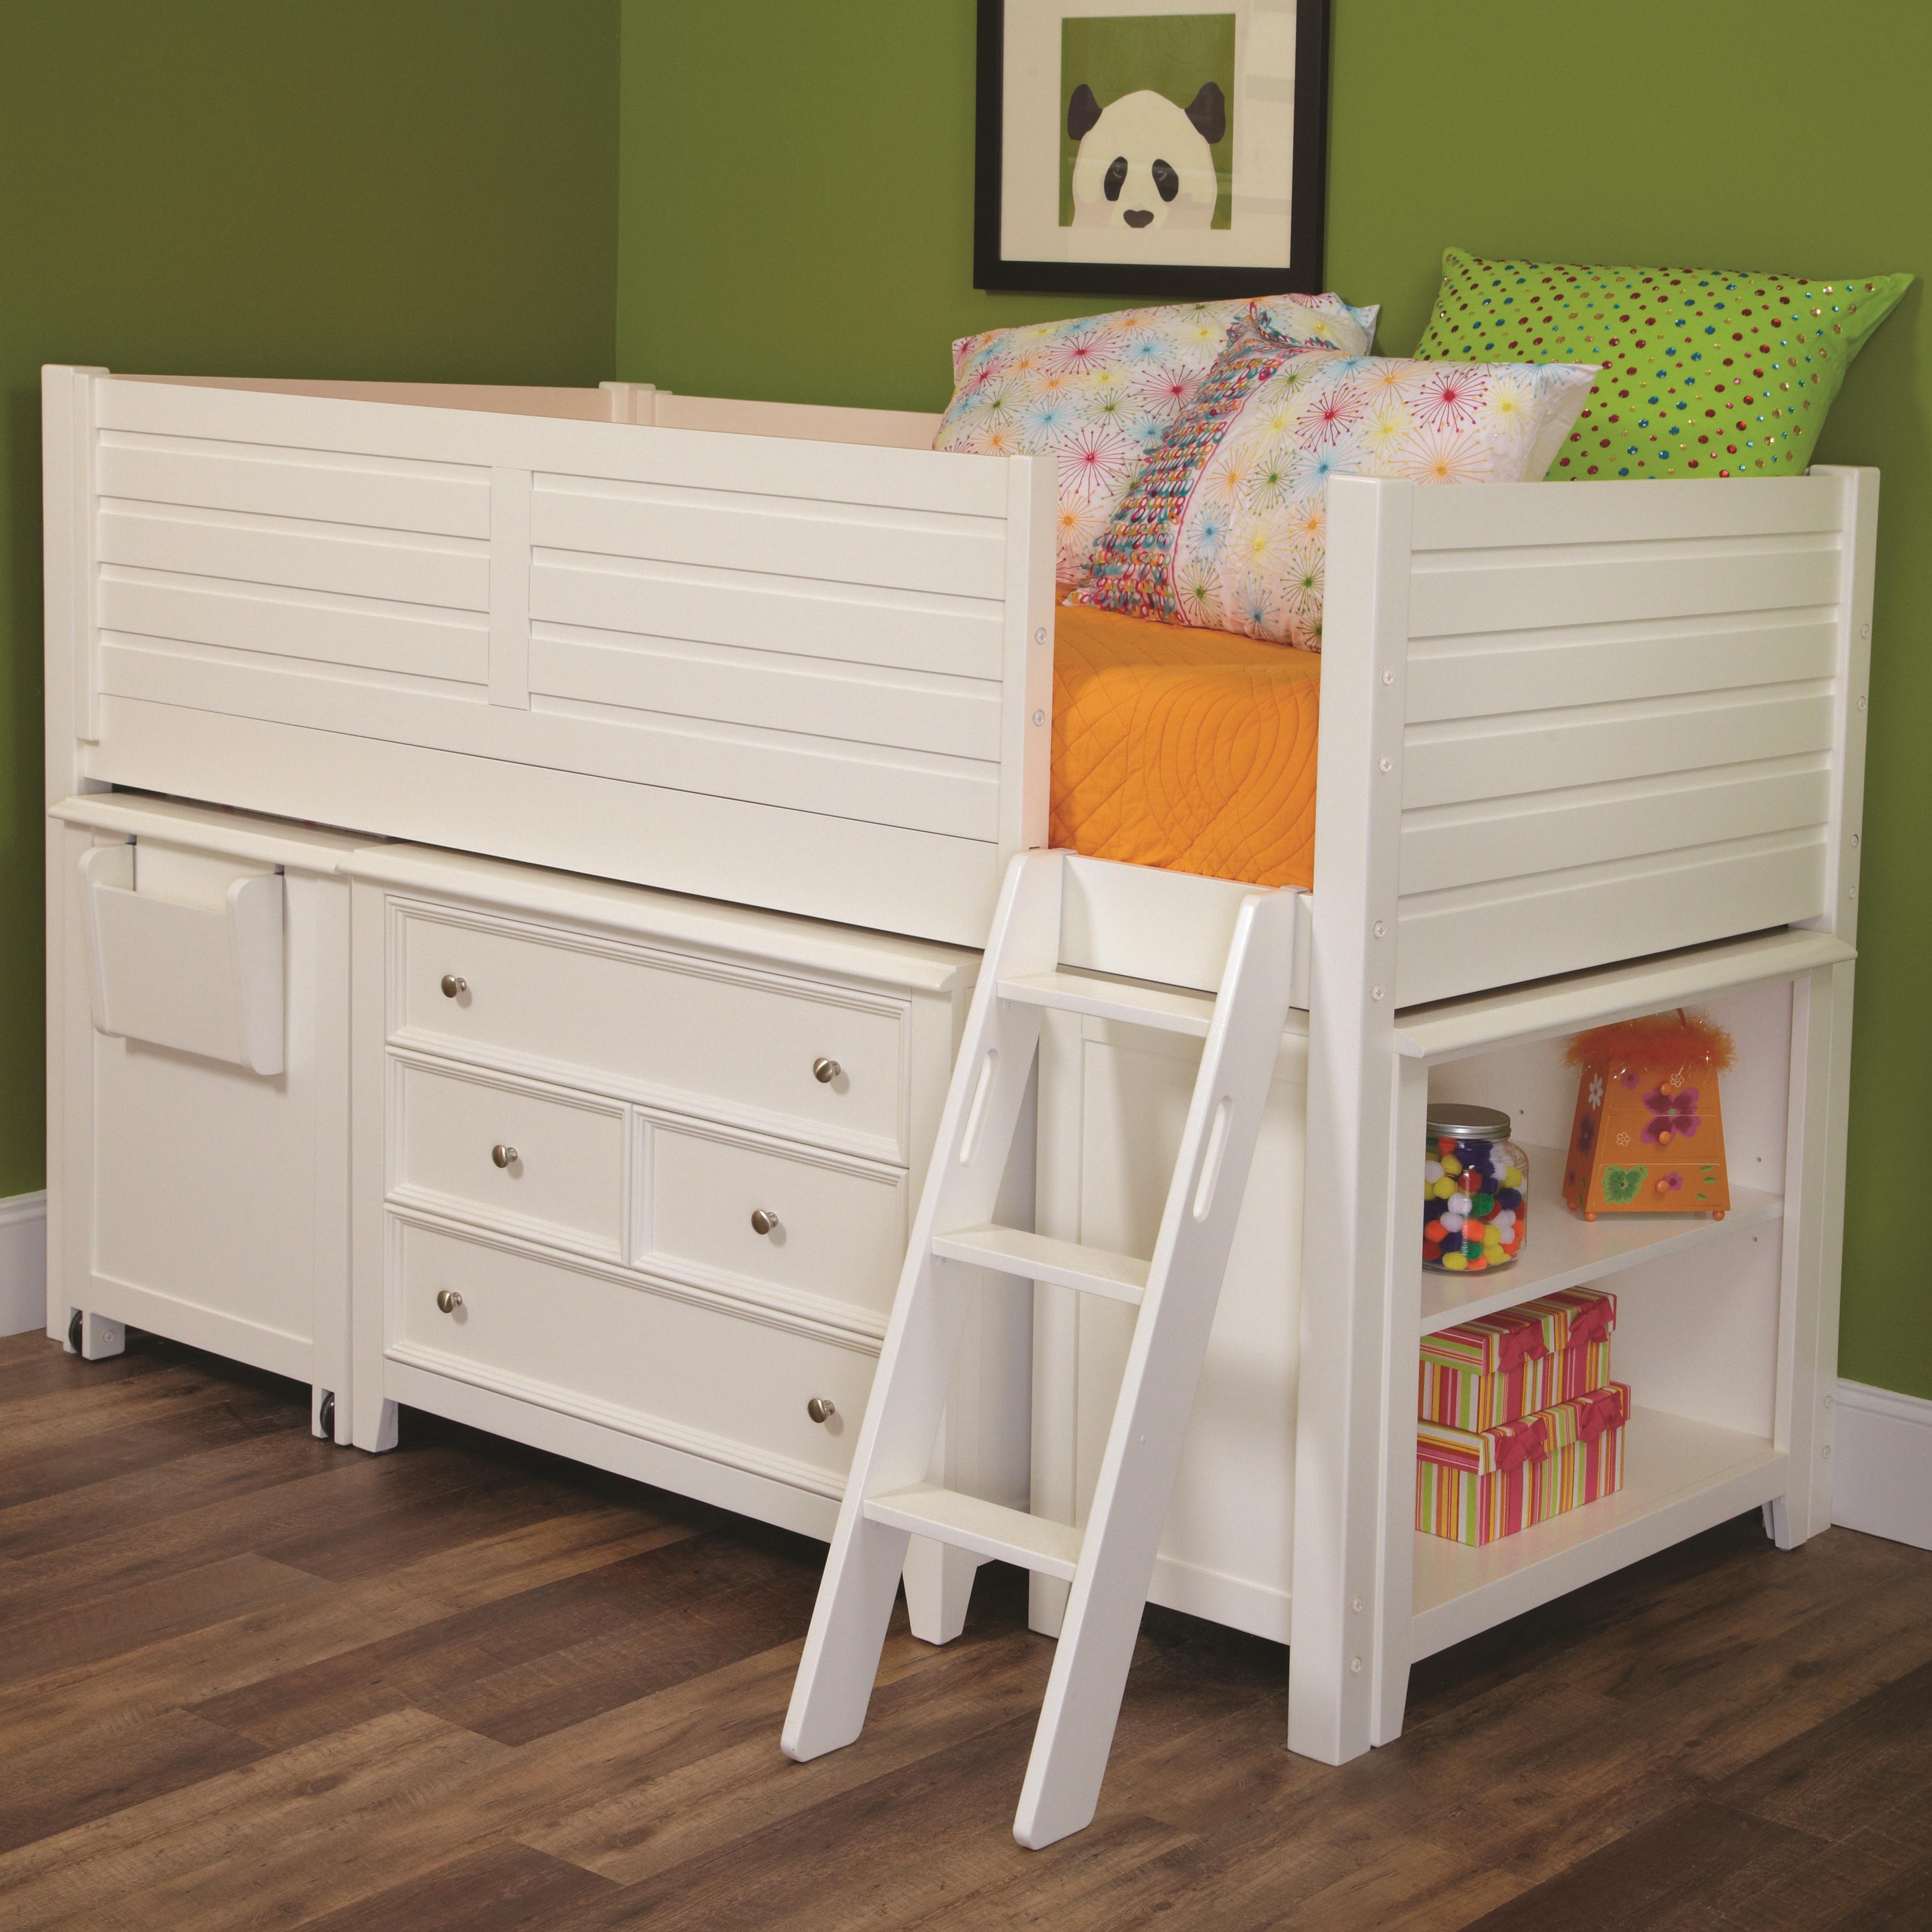 Dresser drawer smithville bestdressers 2017 for Loft net bed